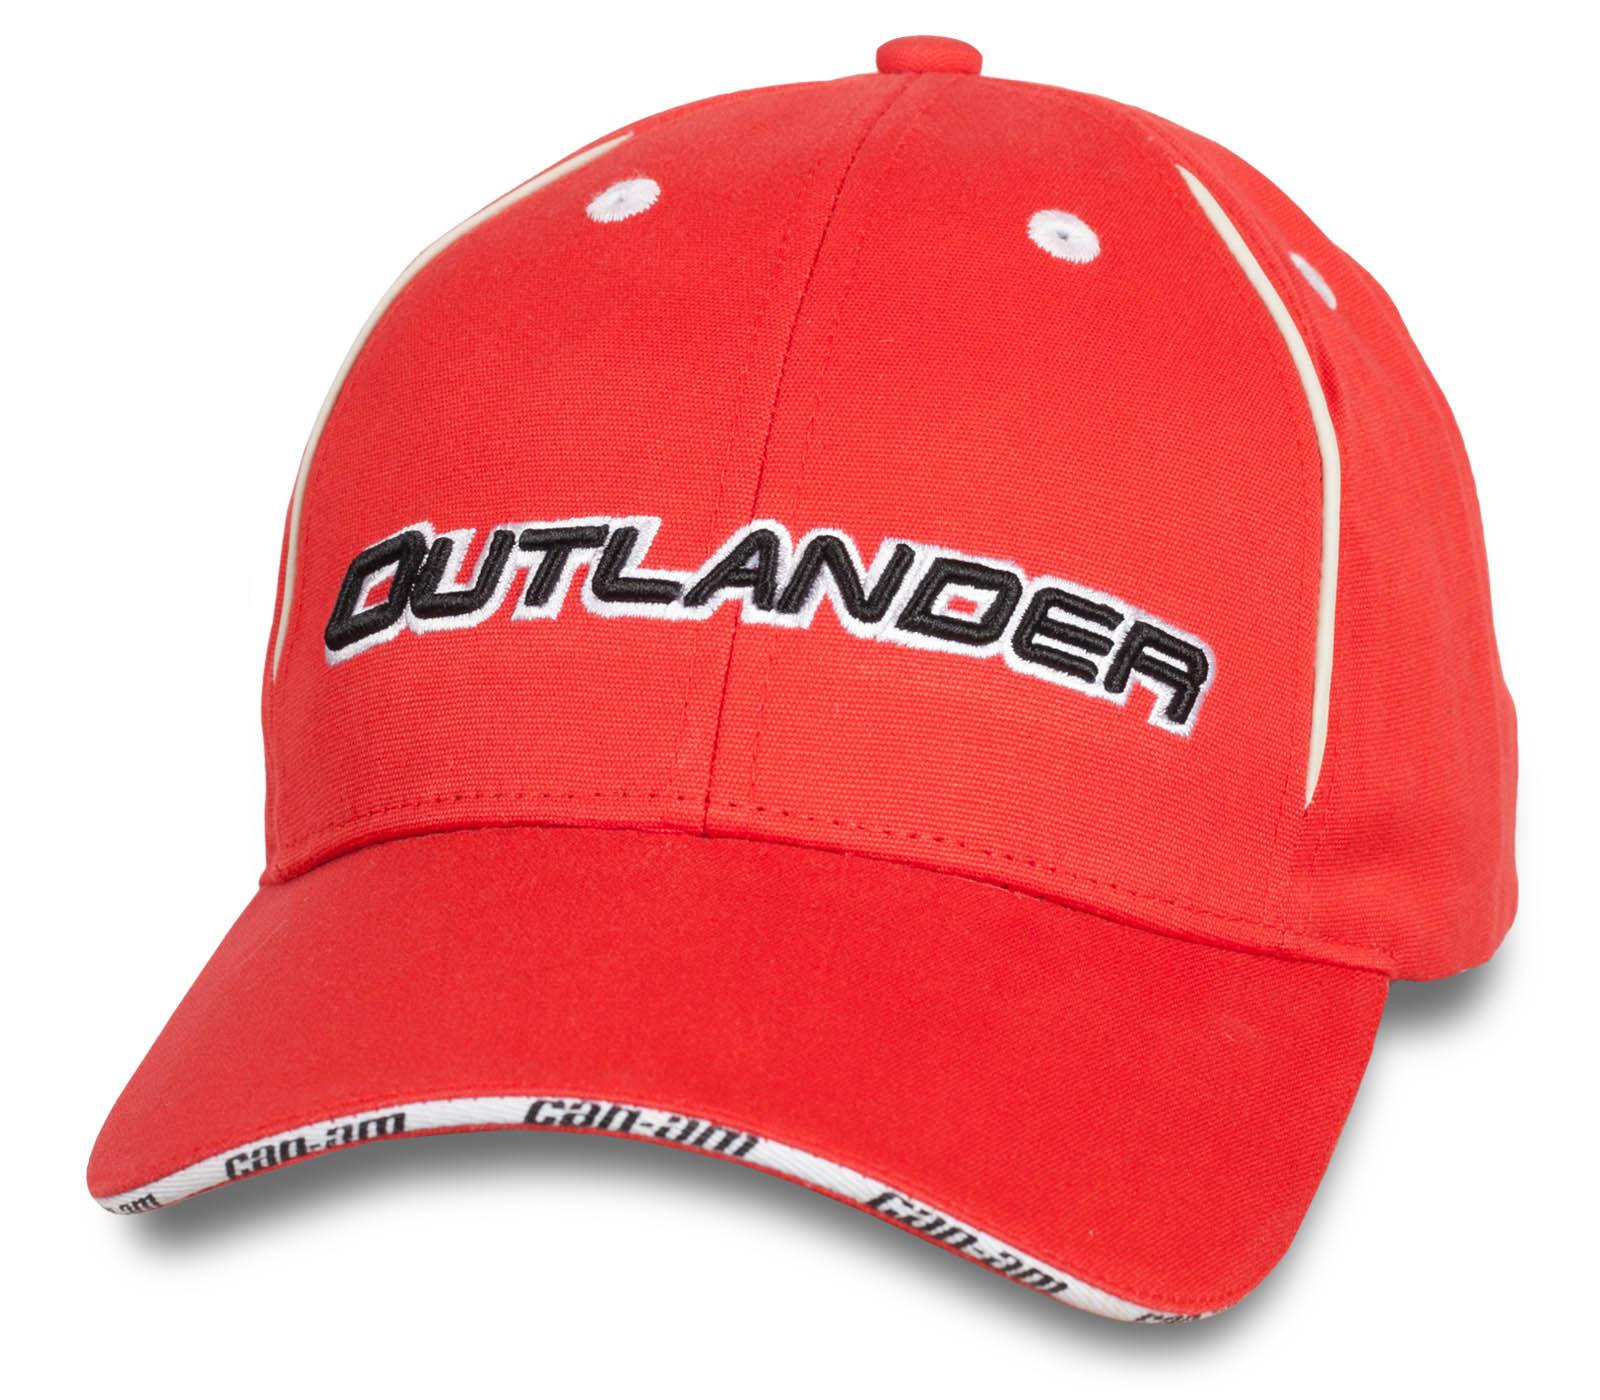 Красная бейсболка Outlander.